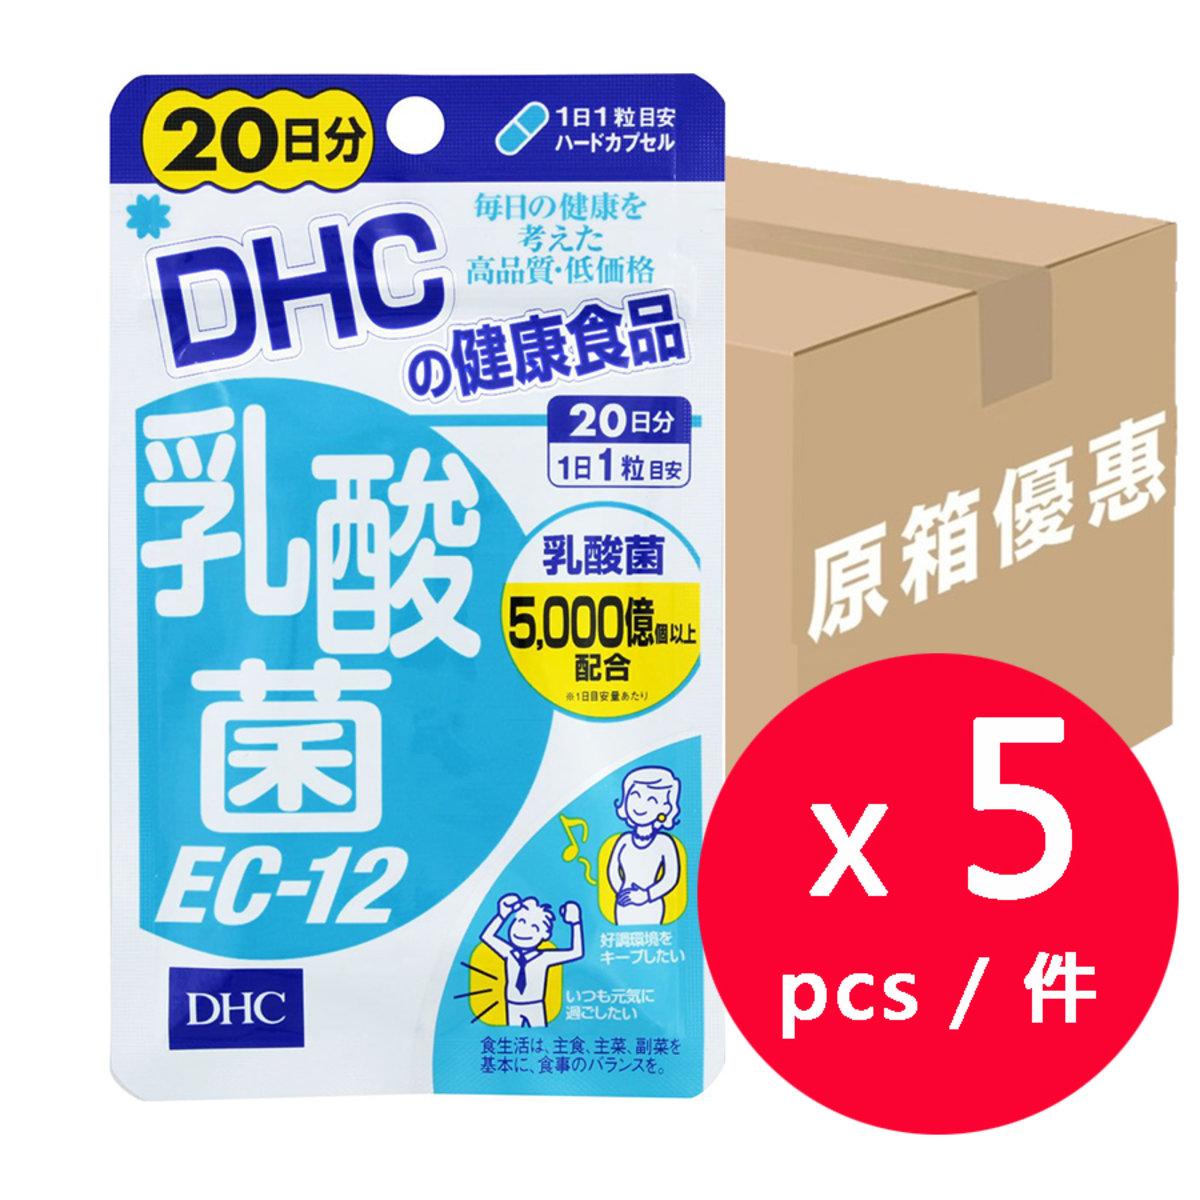 DHC lactic acid bacteria EC-12 20 days x 5 packs (Parallel Import)